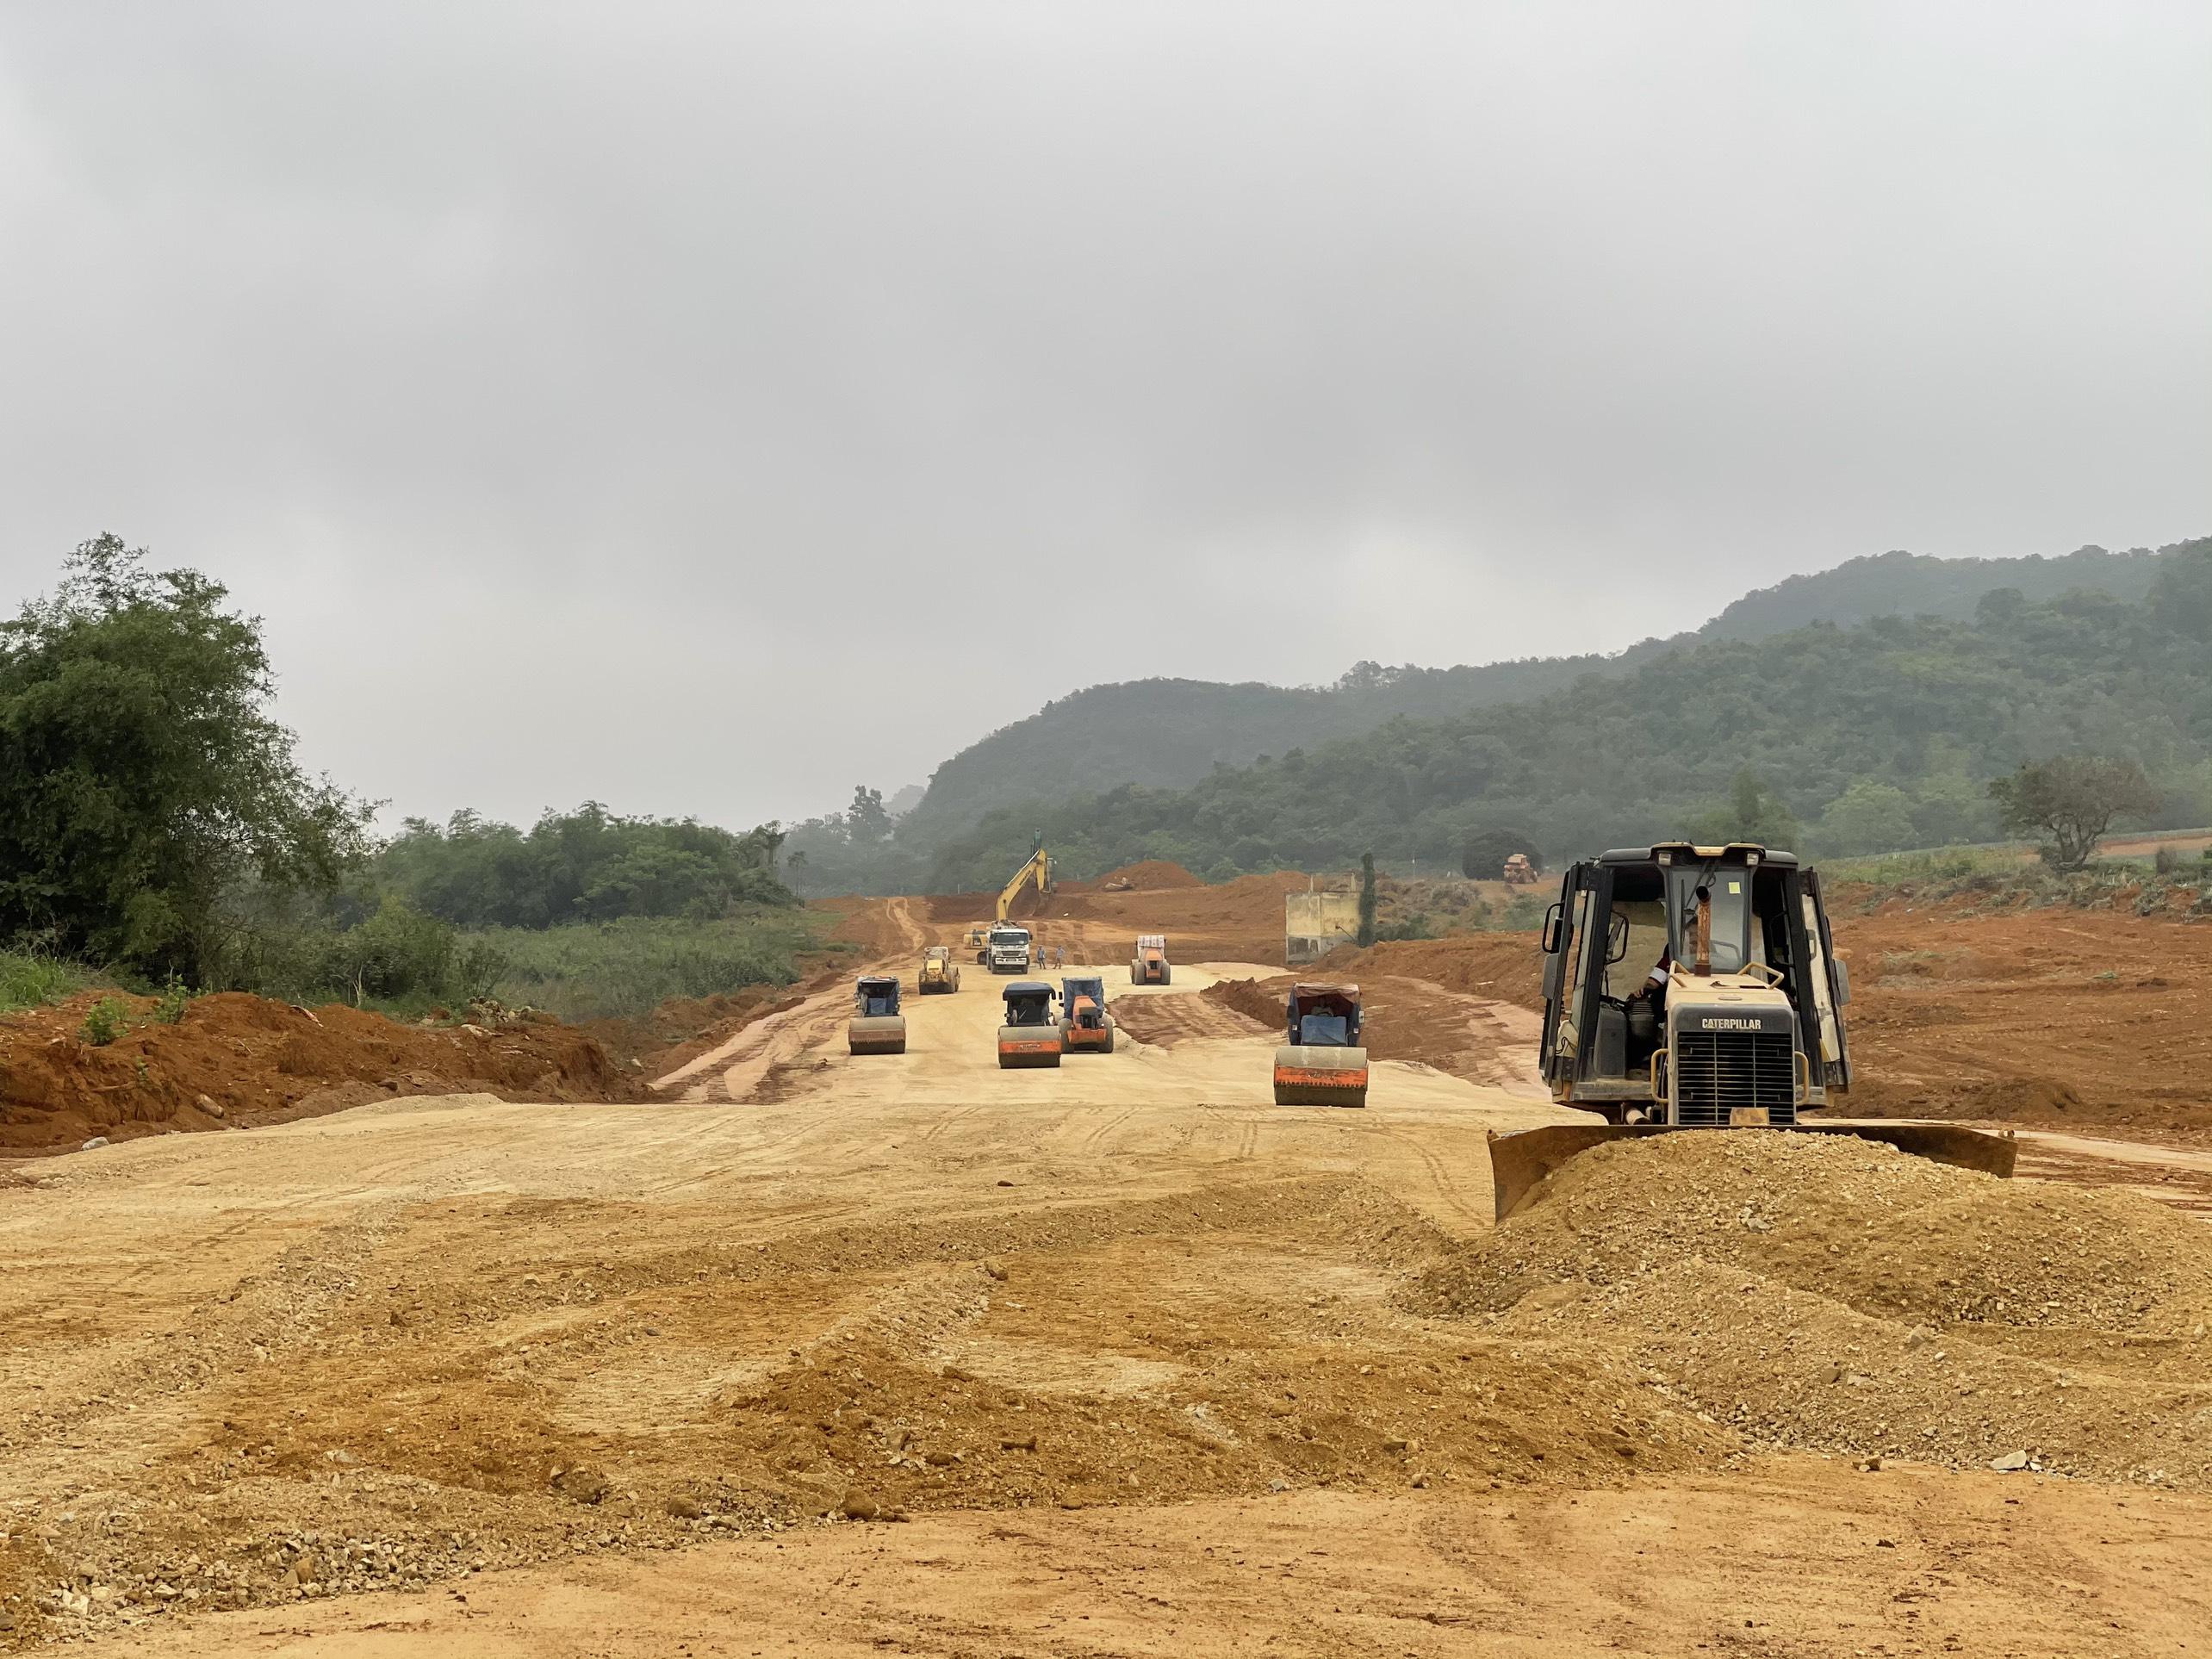 Cao tốc Diễn Châu - Bãi Vọt khởi công vào ngày mai 22/5 - Ảnh 1.